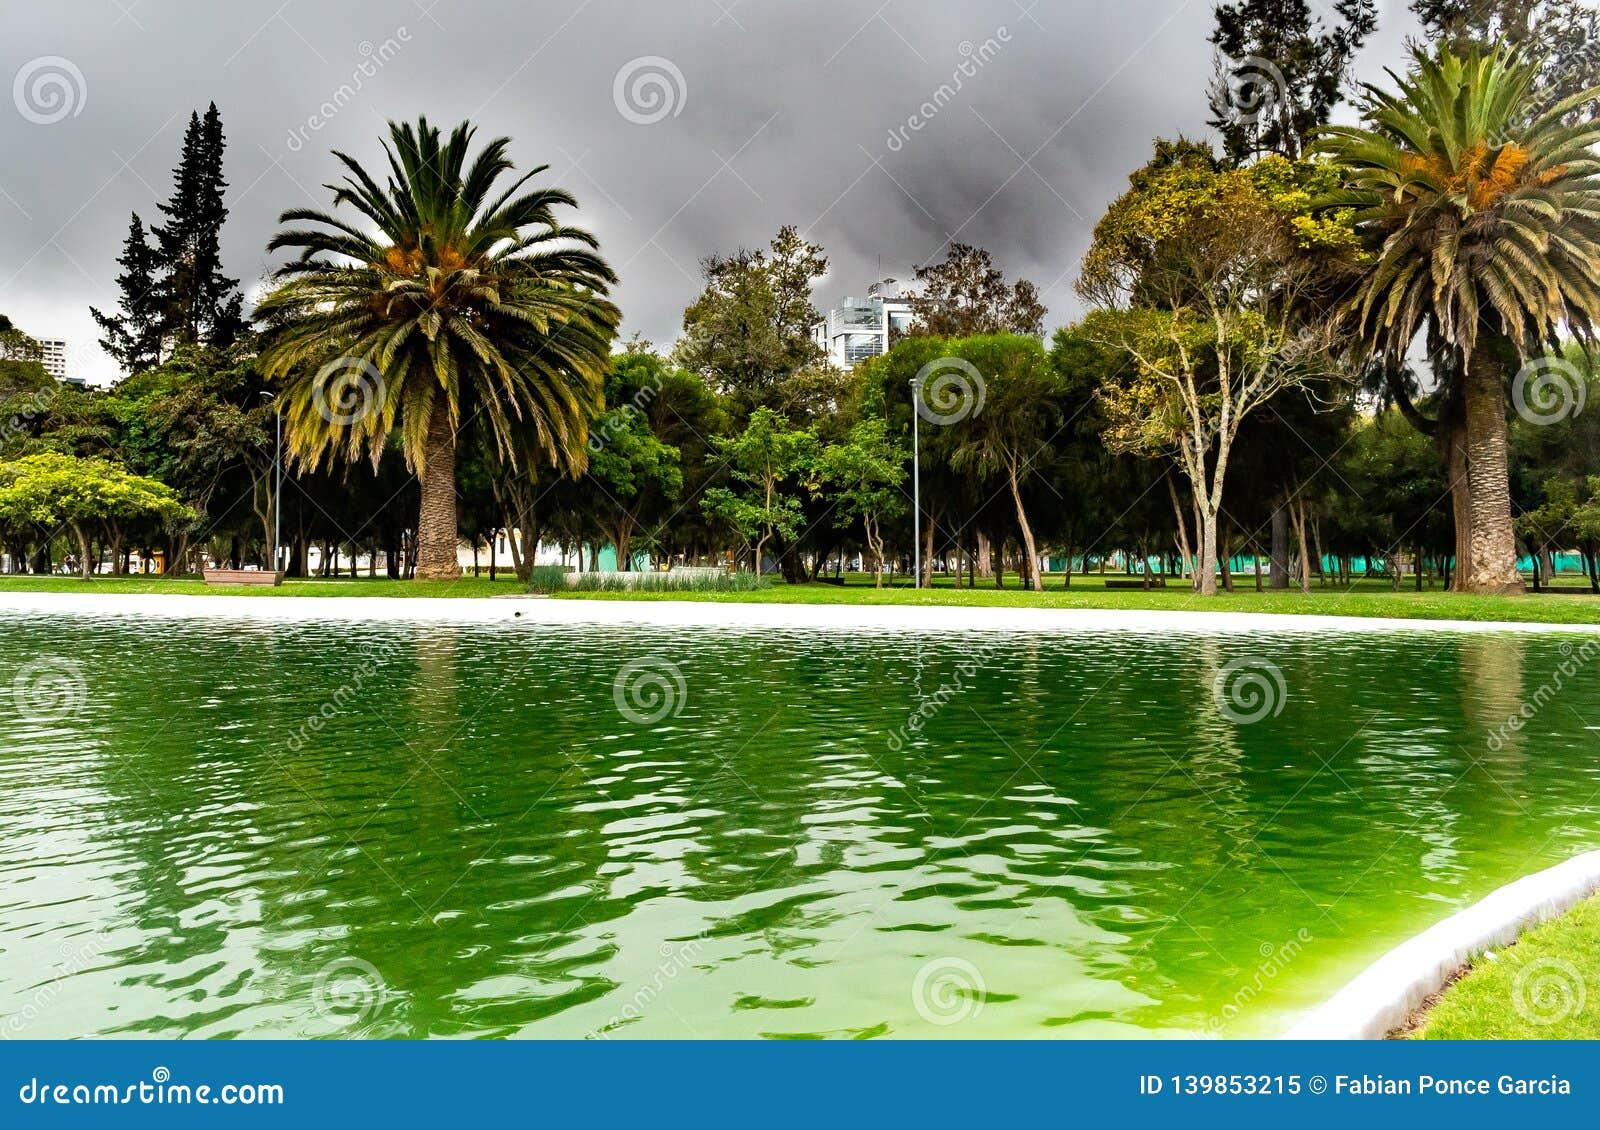 Lago em um parque com nuvens escuras